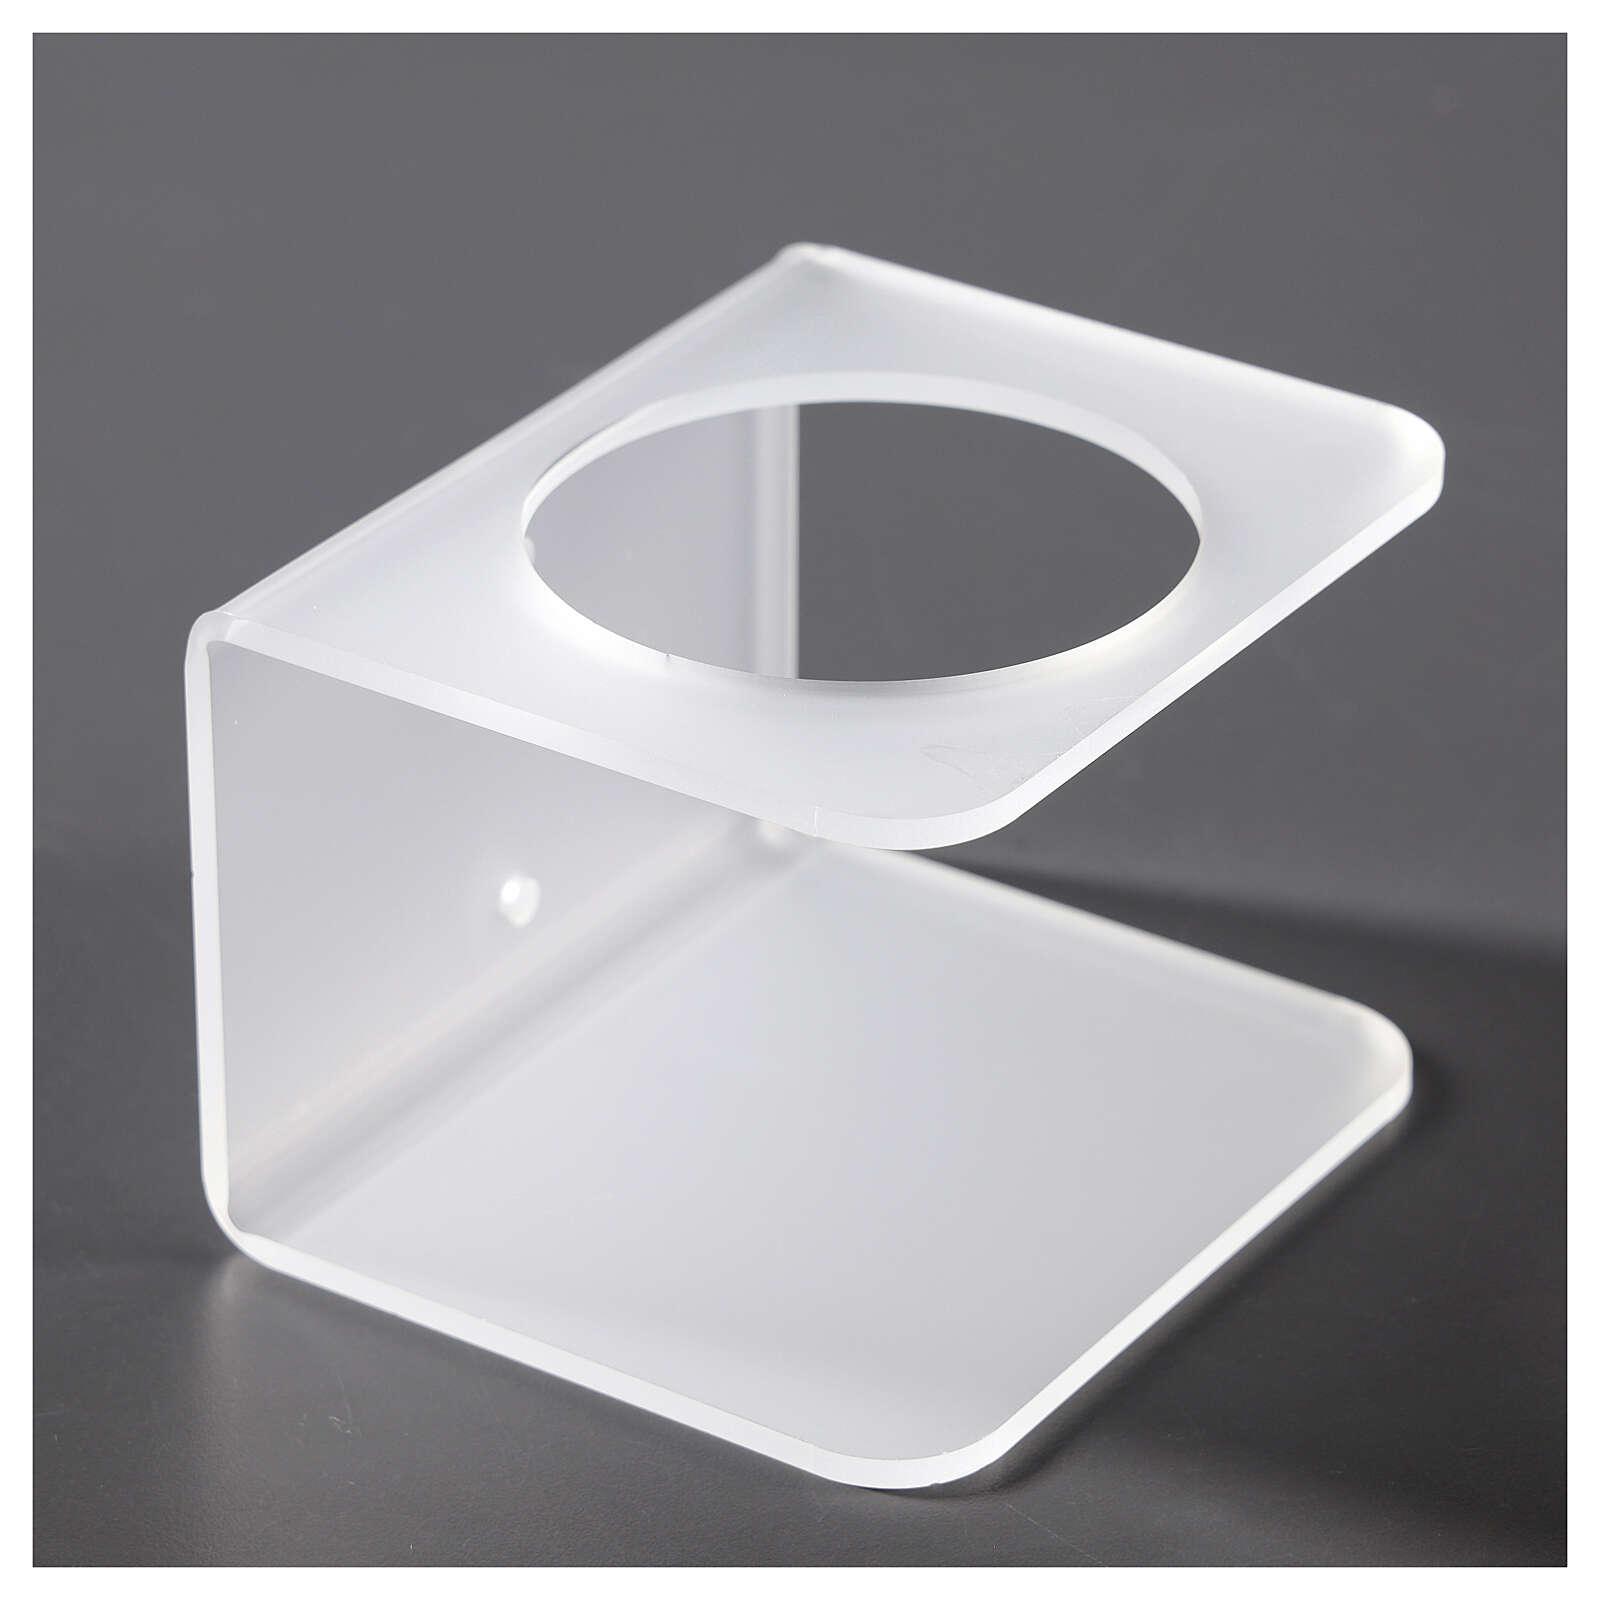 Hand sanitizer dispenser holder in plexiglass satin finish 3